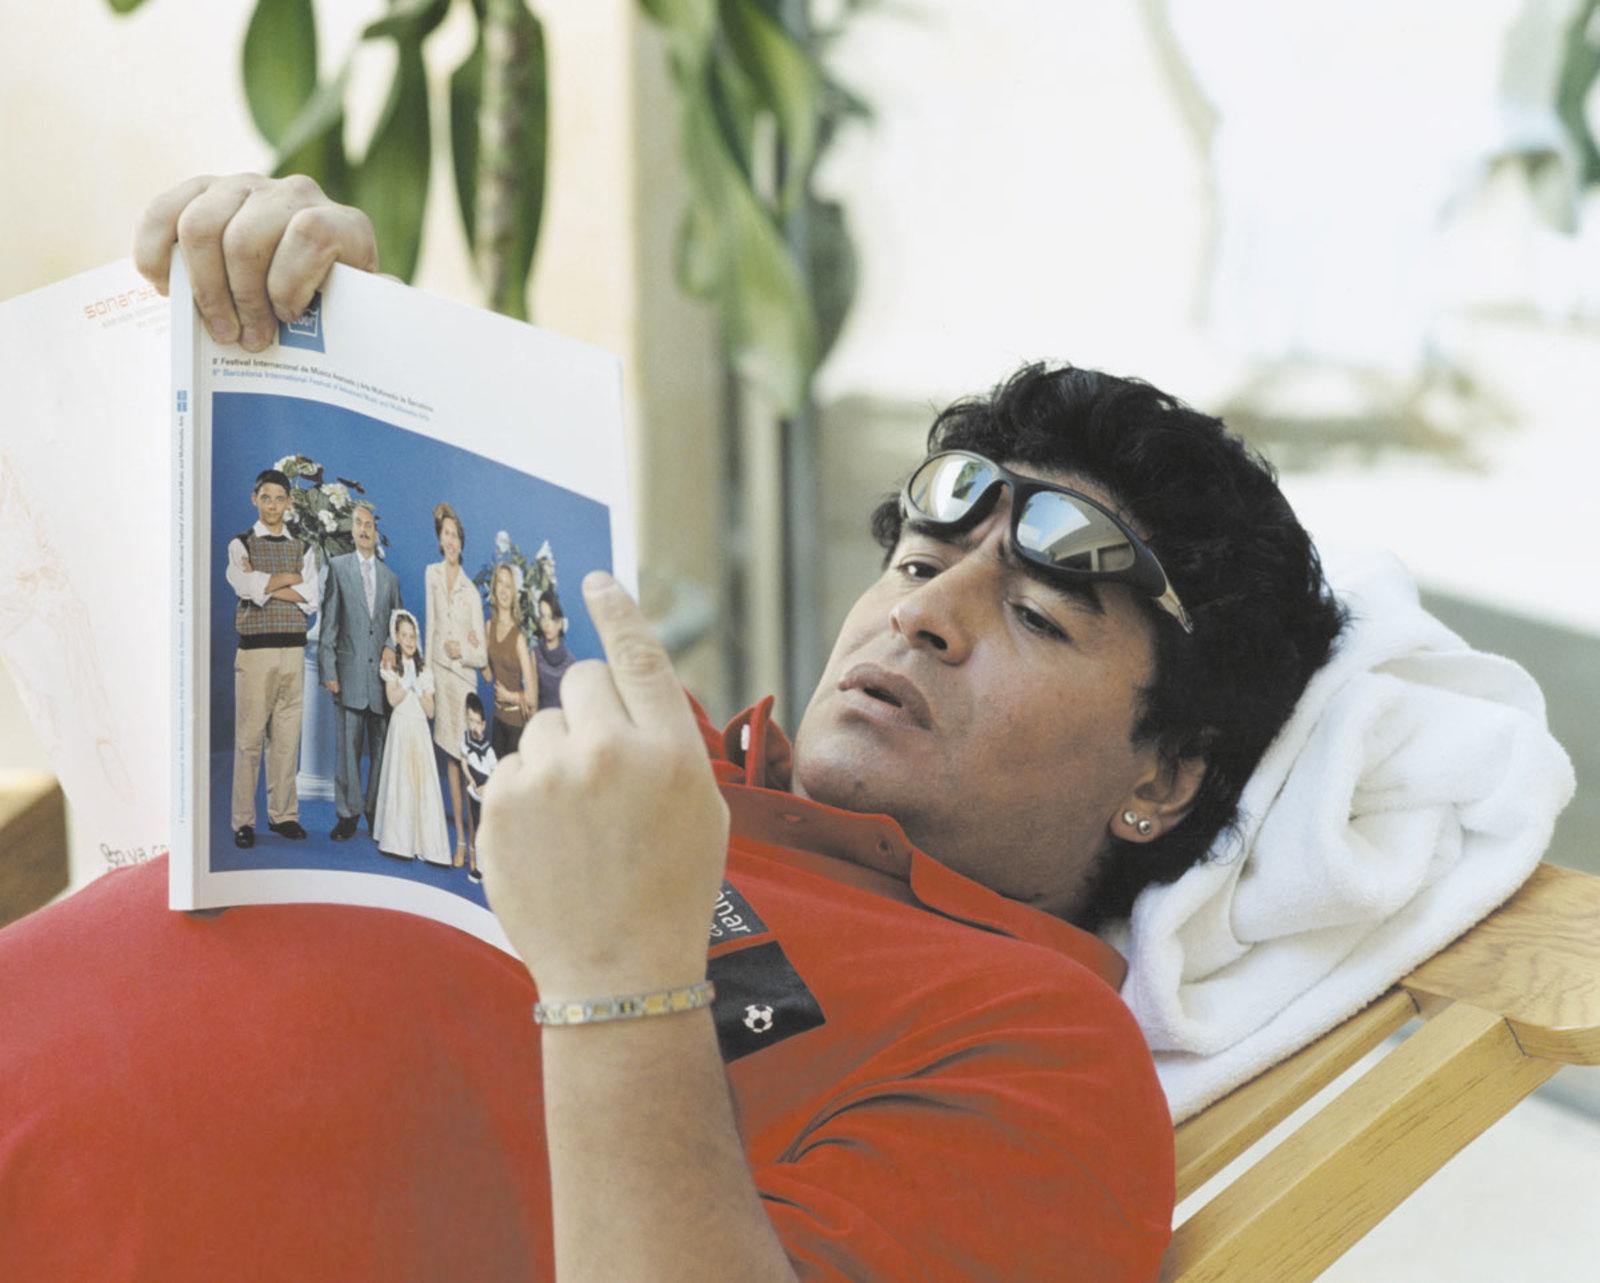 Diego Maradona en la campaña del festival Sónar 2002